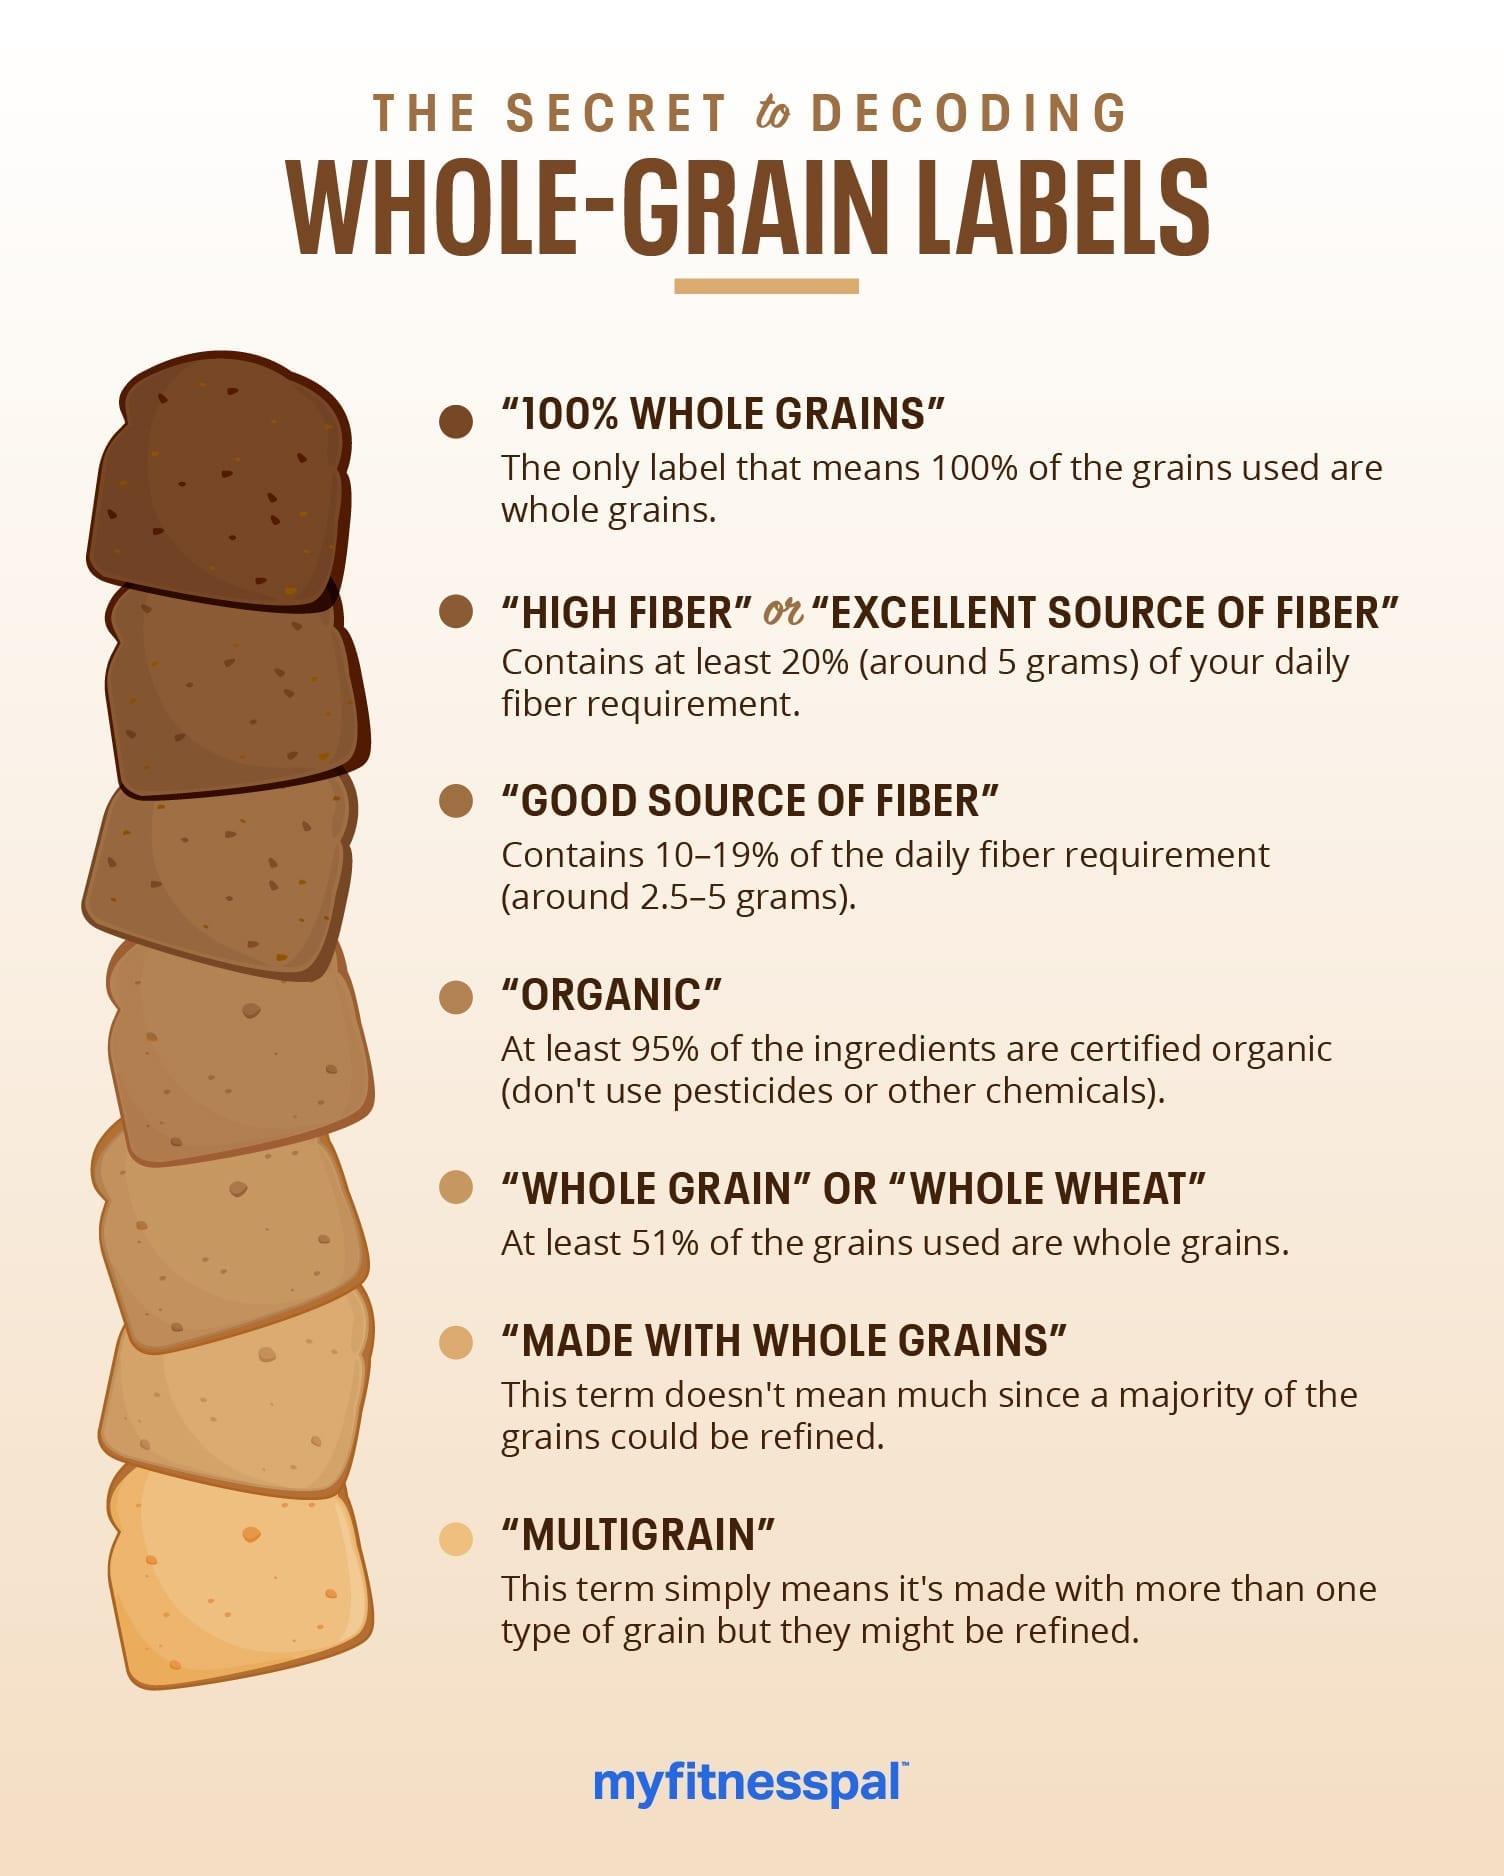 The Secret to Decoding Whole-Grain Labels